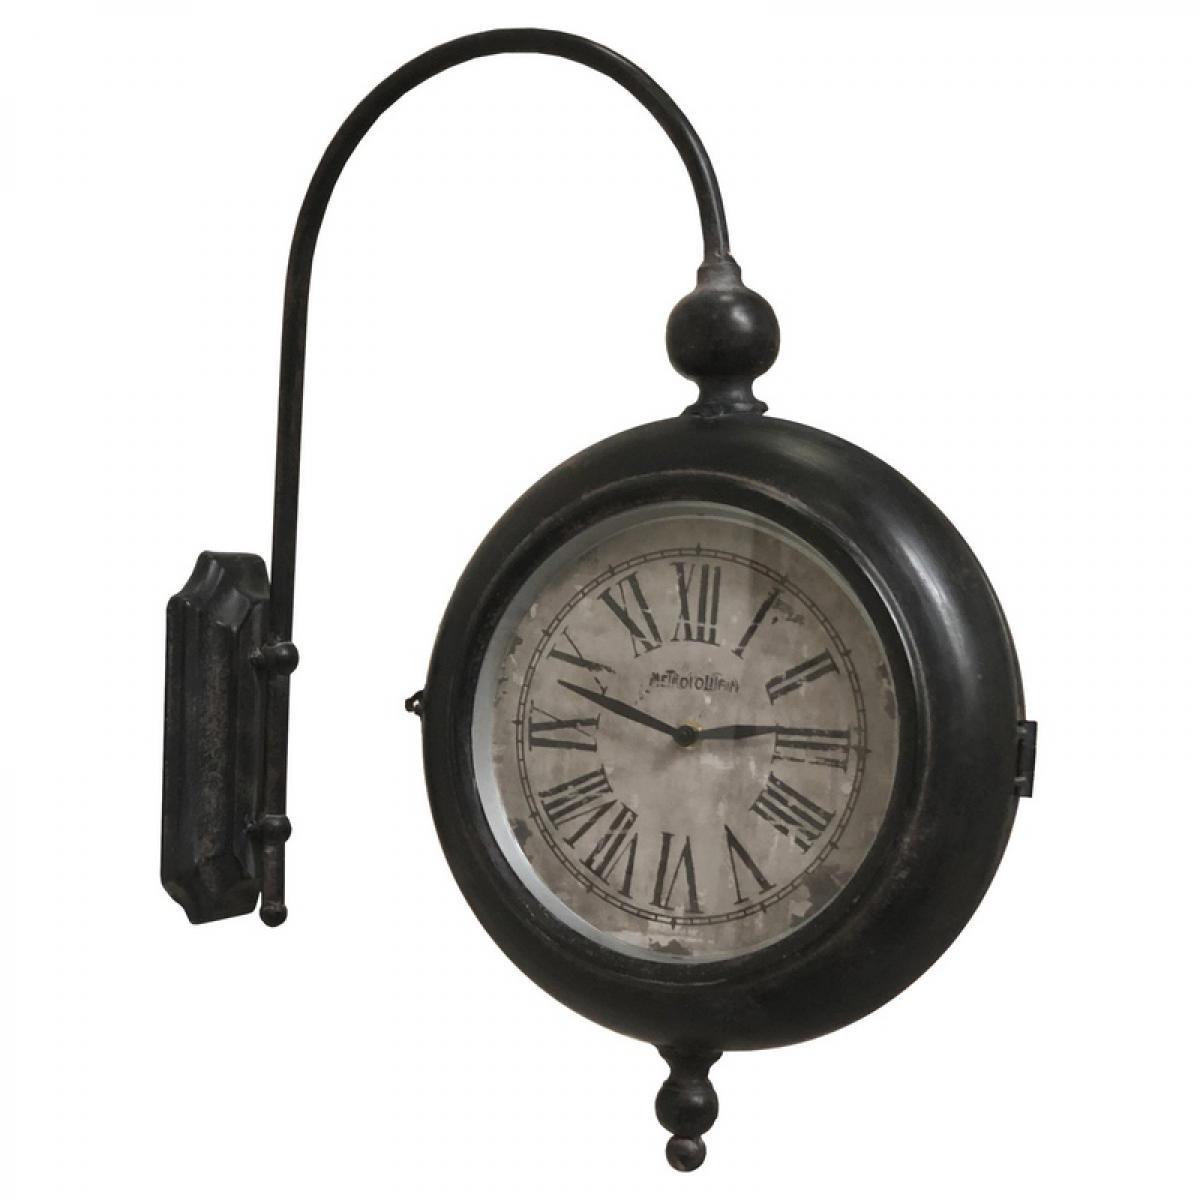 L'Originale Deco Horloge Industriel Horloge de Gare Double Face 57 cm x 47 cm x 10.50 cm